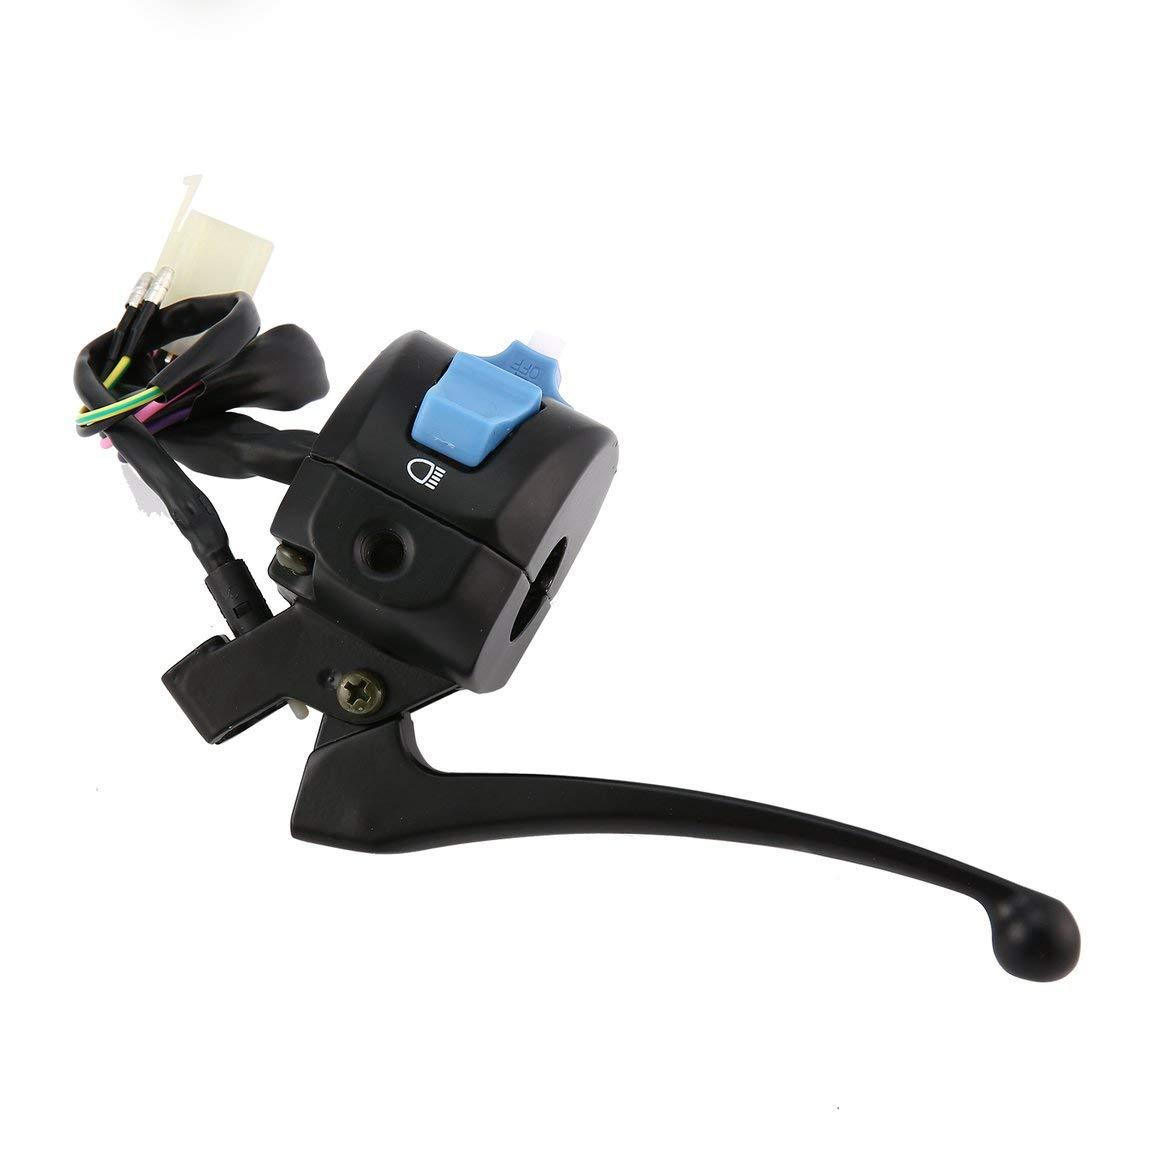 Universal Moto Switchs Noir frein gauche Levier de commande Interrupteur Fit pour scooter 50cc GY6 150 v/élomoteur